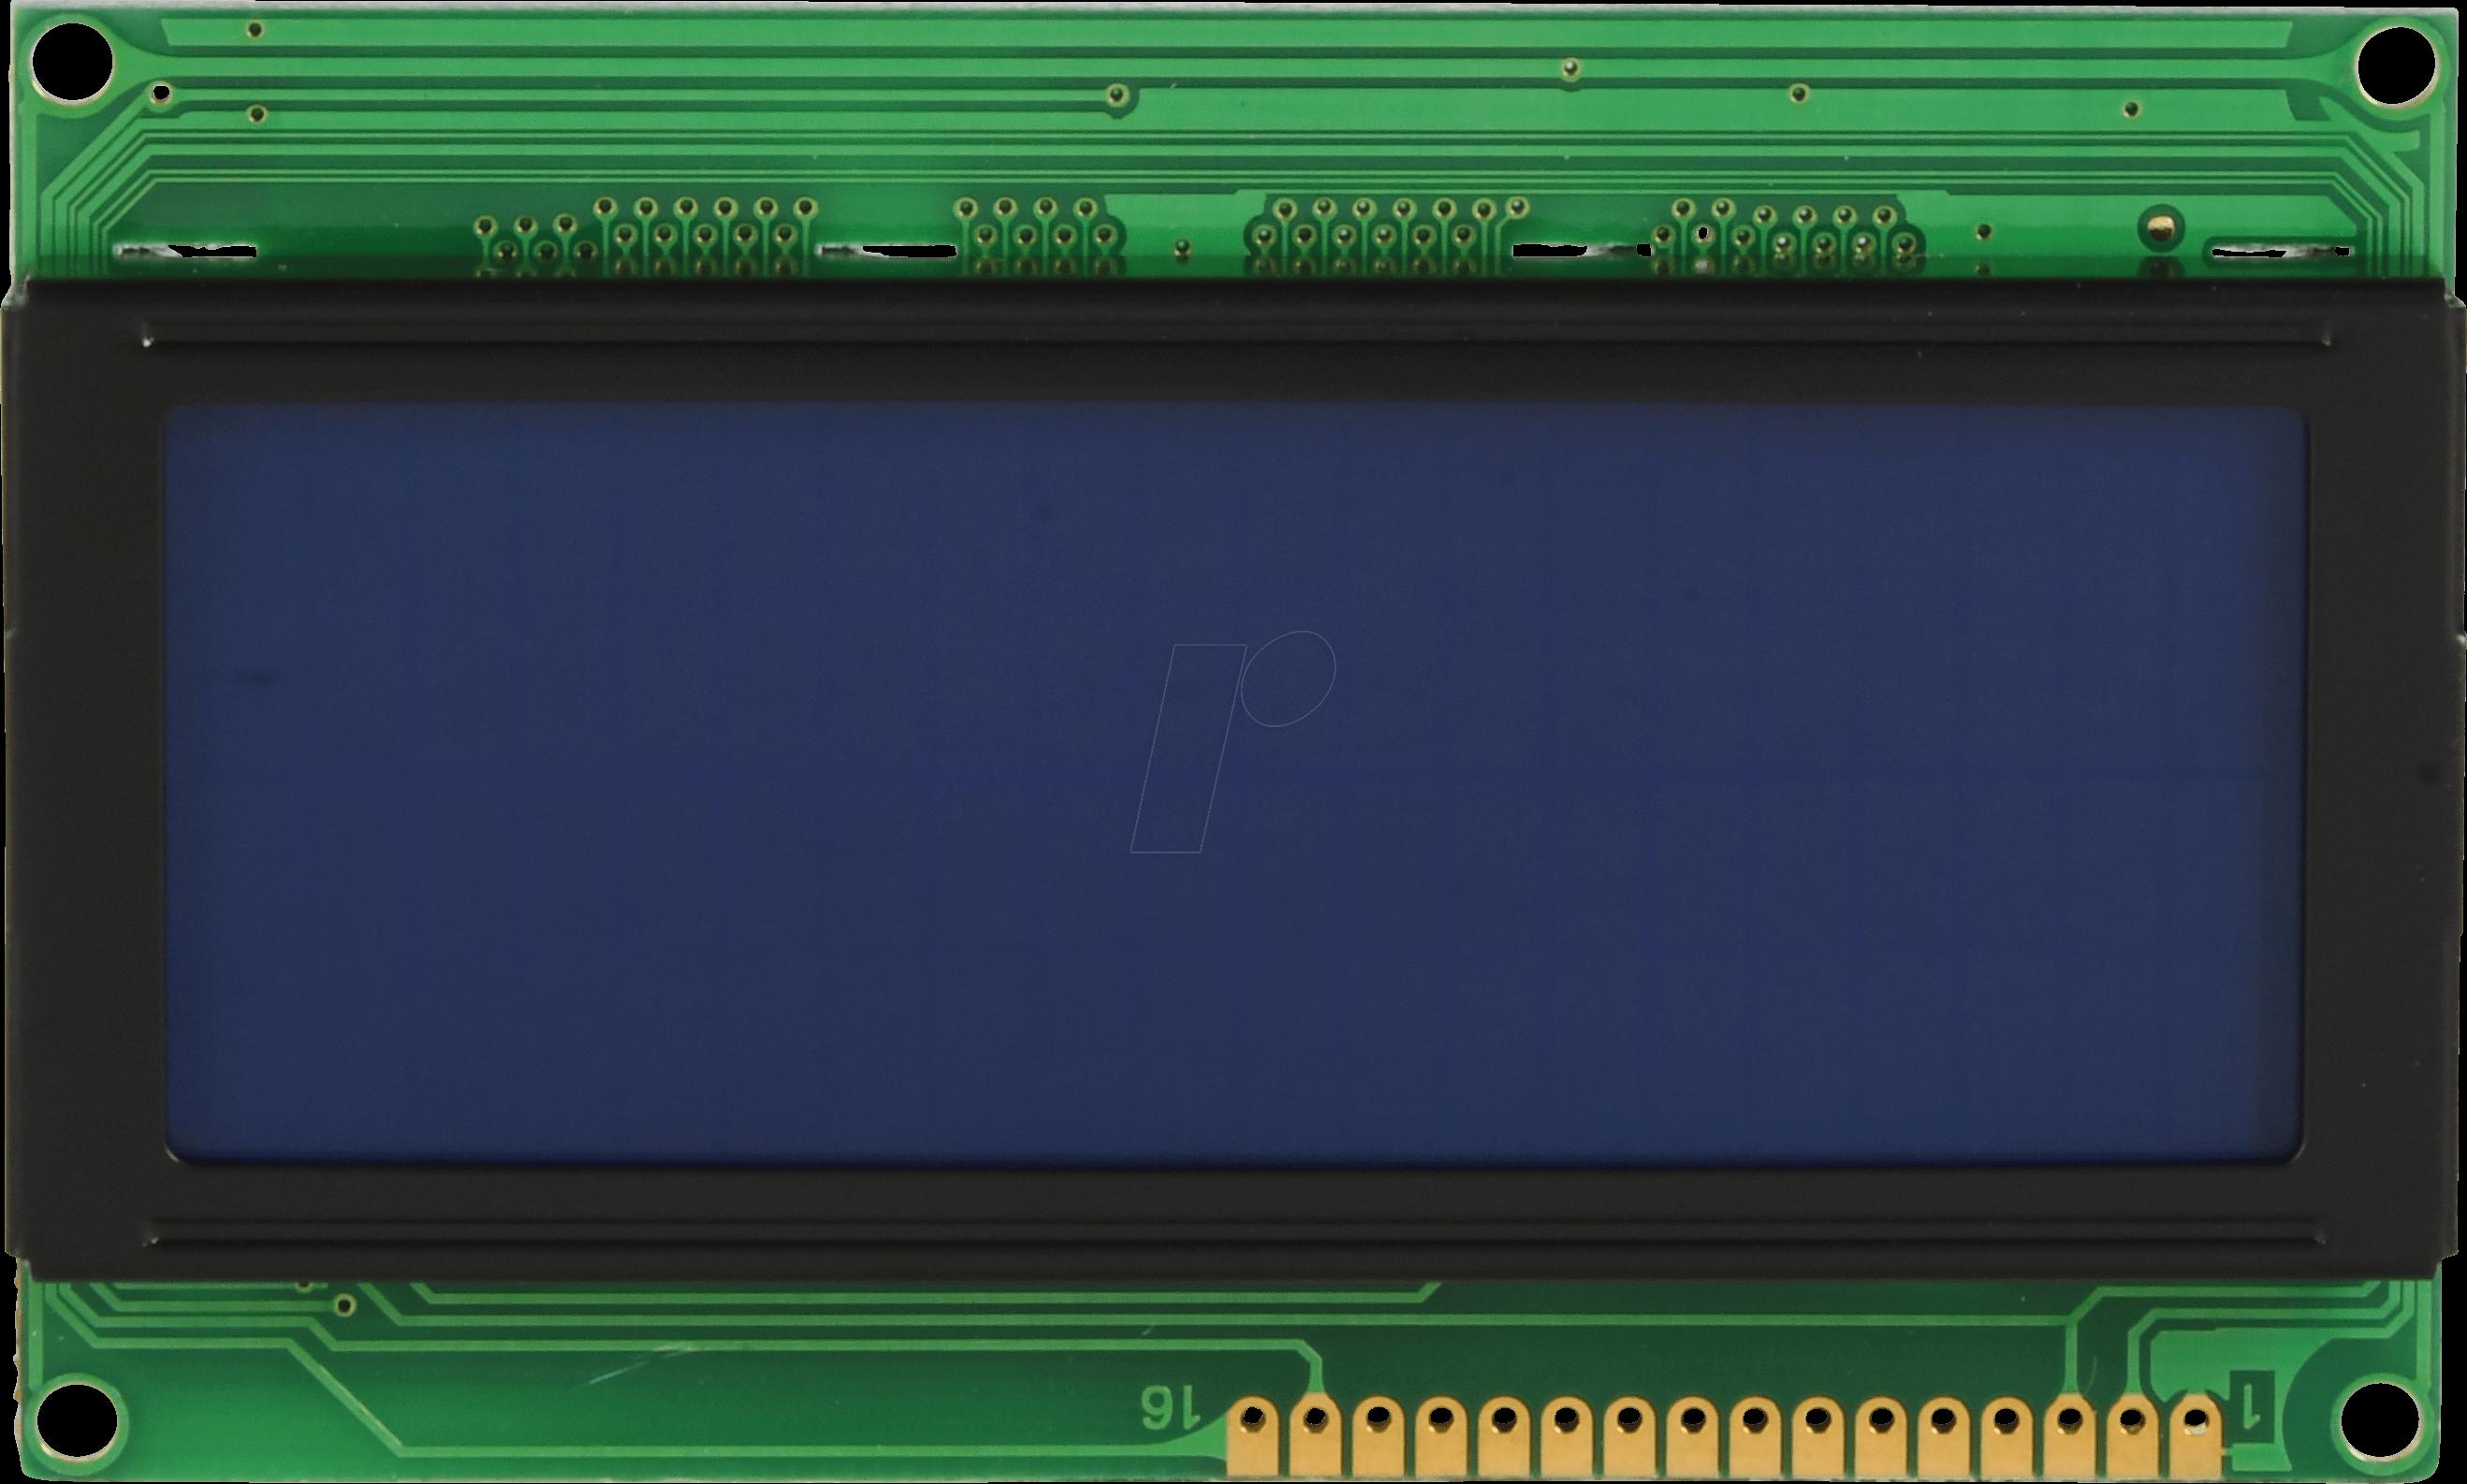 https://cdn-reichelt.de/bilder/web/xxl_ws/A500/LCD-PM_4X20-6_B.png